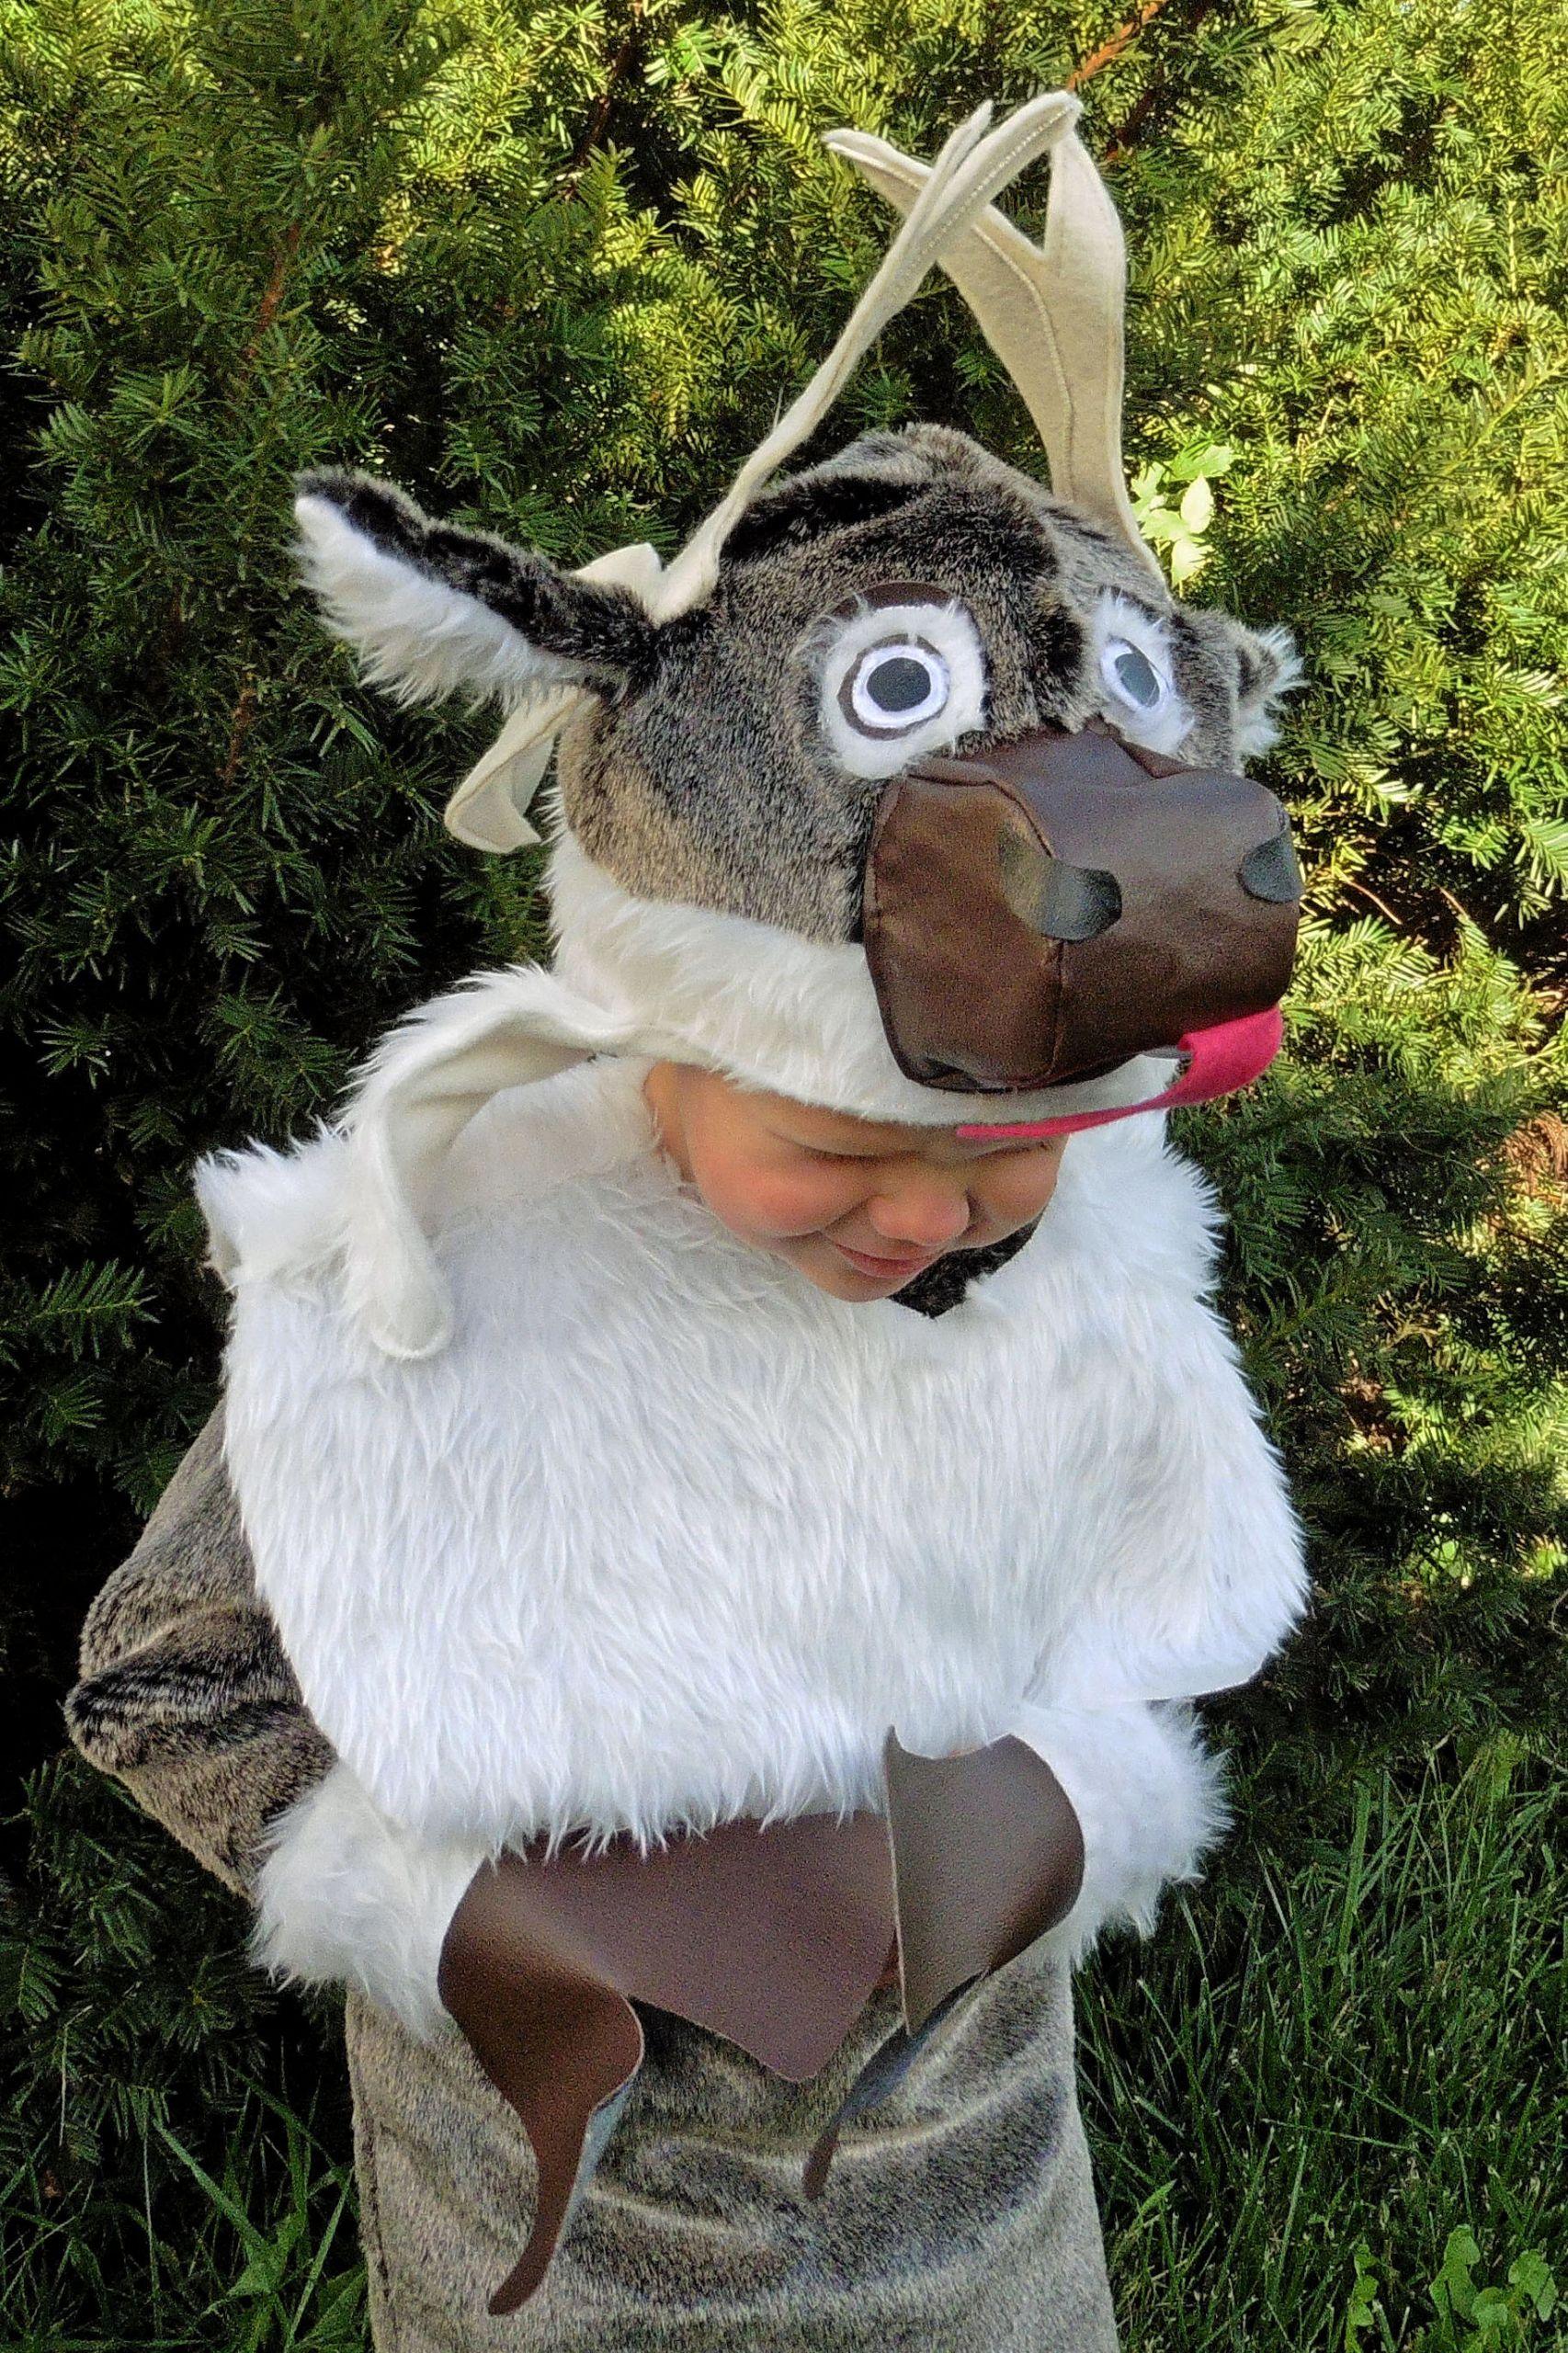 DIY Reindeer Costumes  FREE Sven Inspired Goofy Reindeer Costume Tutorial